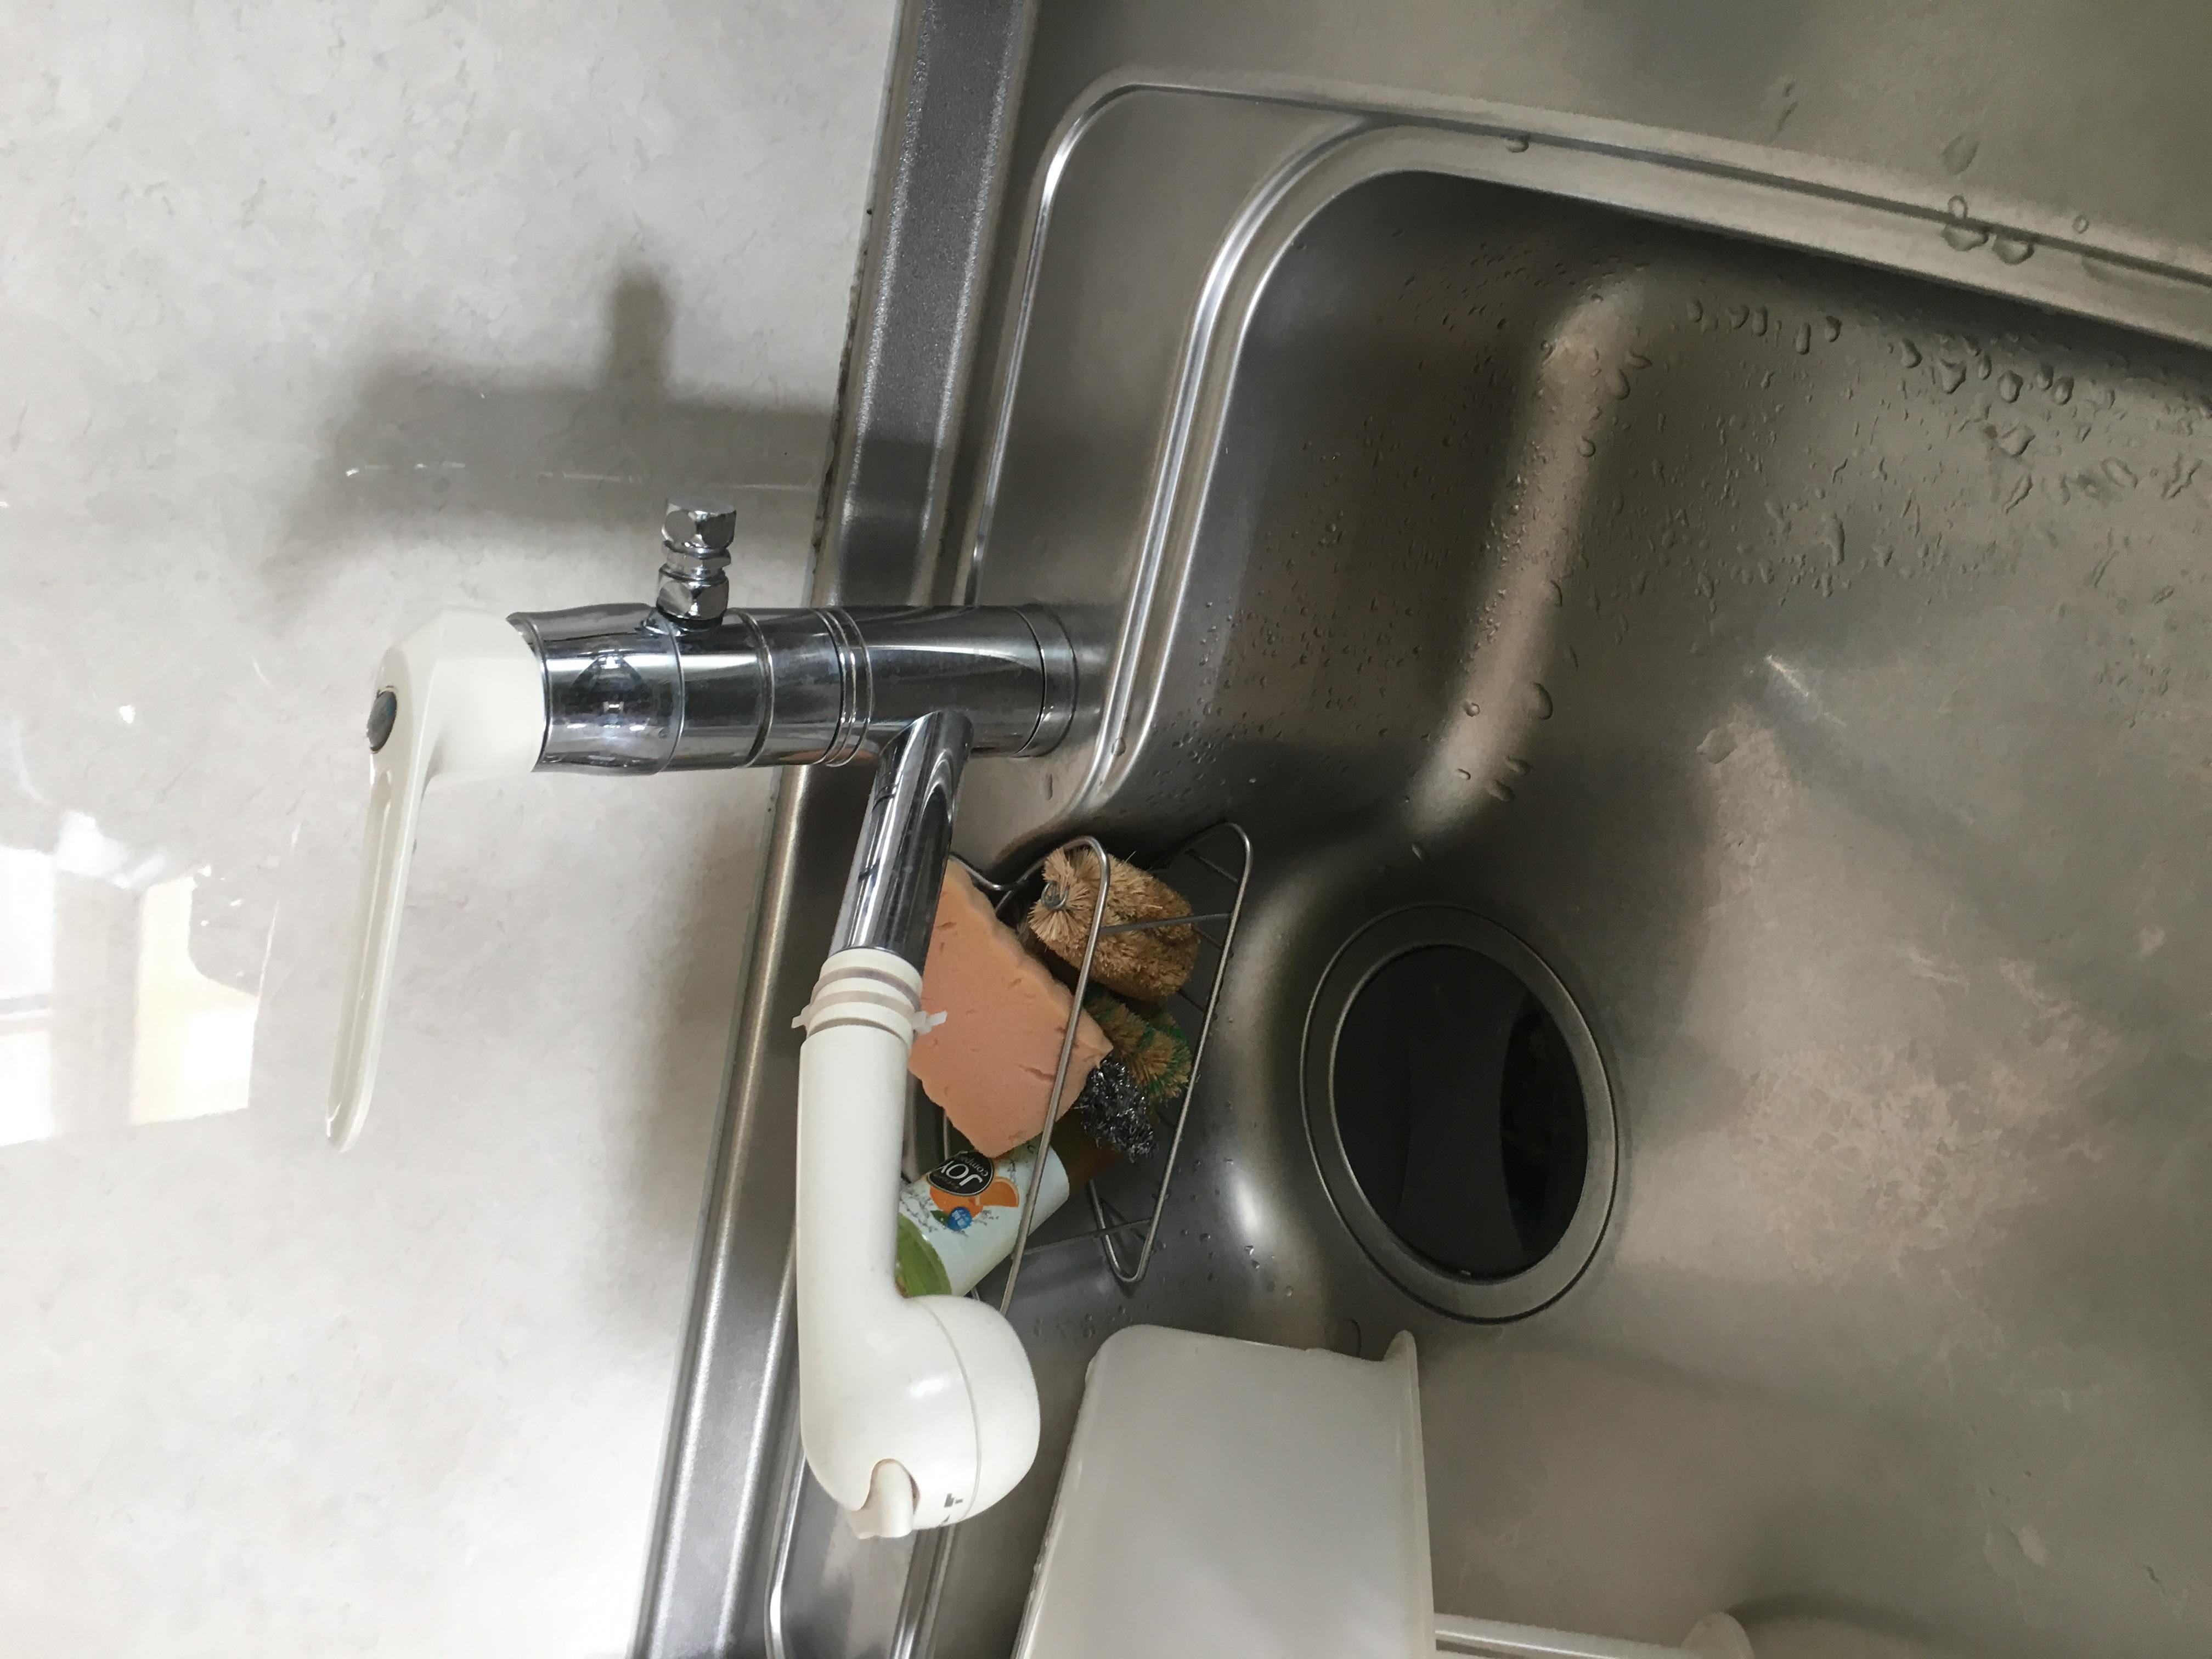 札幌市東区KVK水漏れ修理 KVK分岐付シャワー水栓交換工事